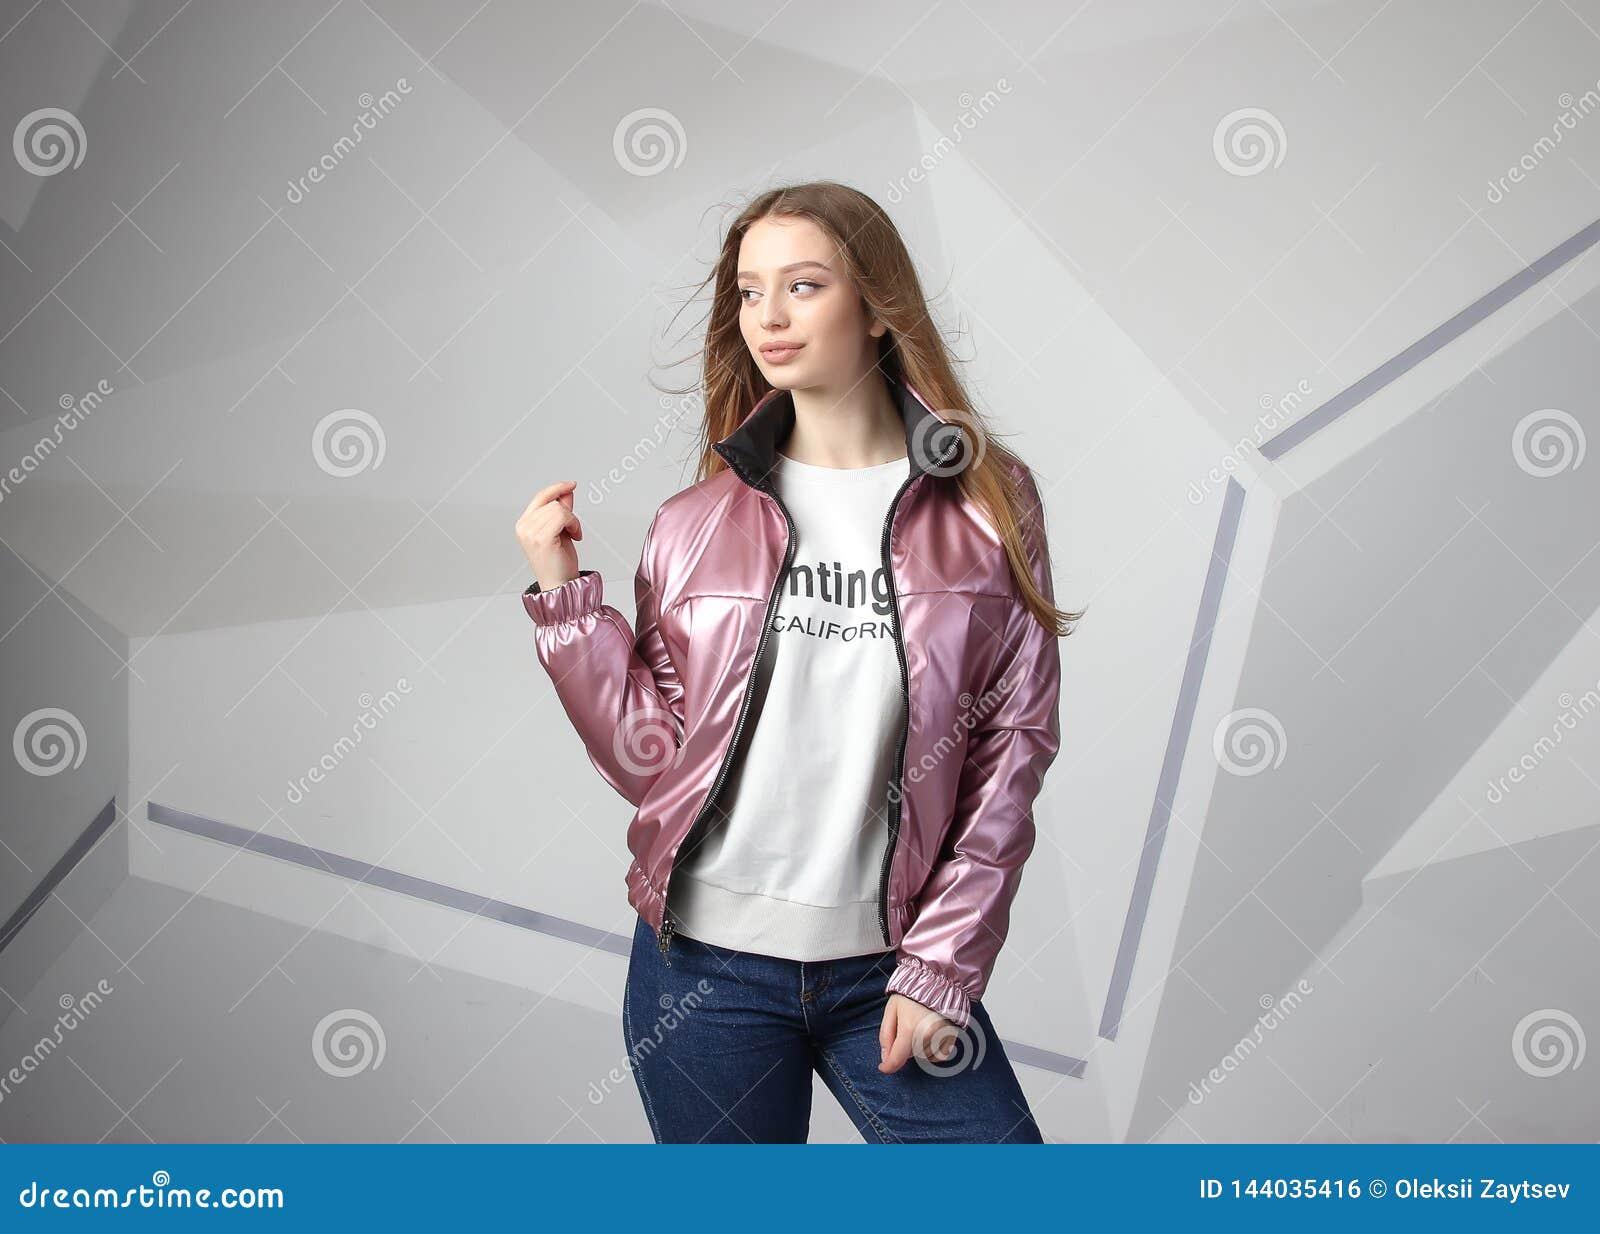 Κορίτσι νέων κοριτσιών που φορά το σακάκι με την περιοχή για το λογότυπό σας, πρότυπο των λευκών γυναικών hoodie